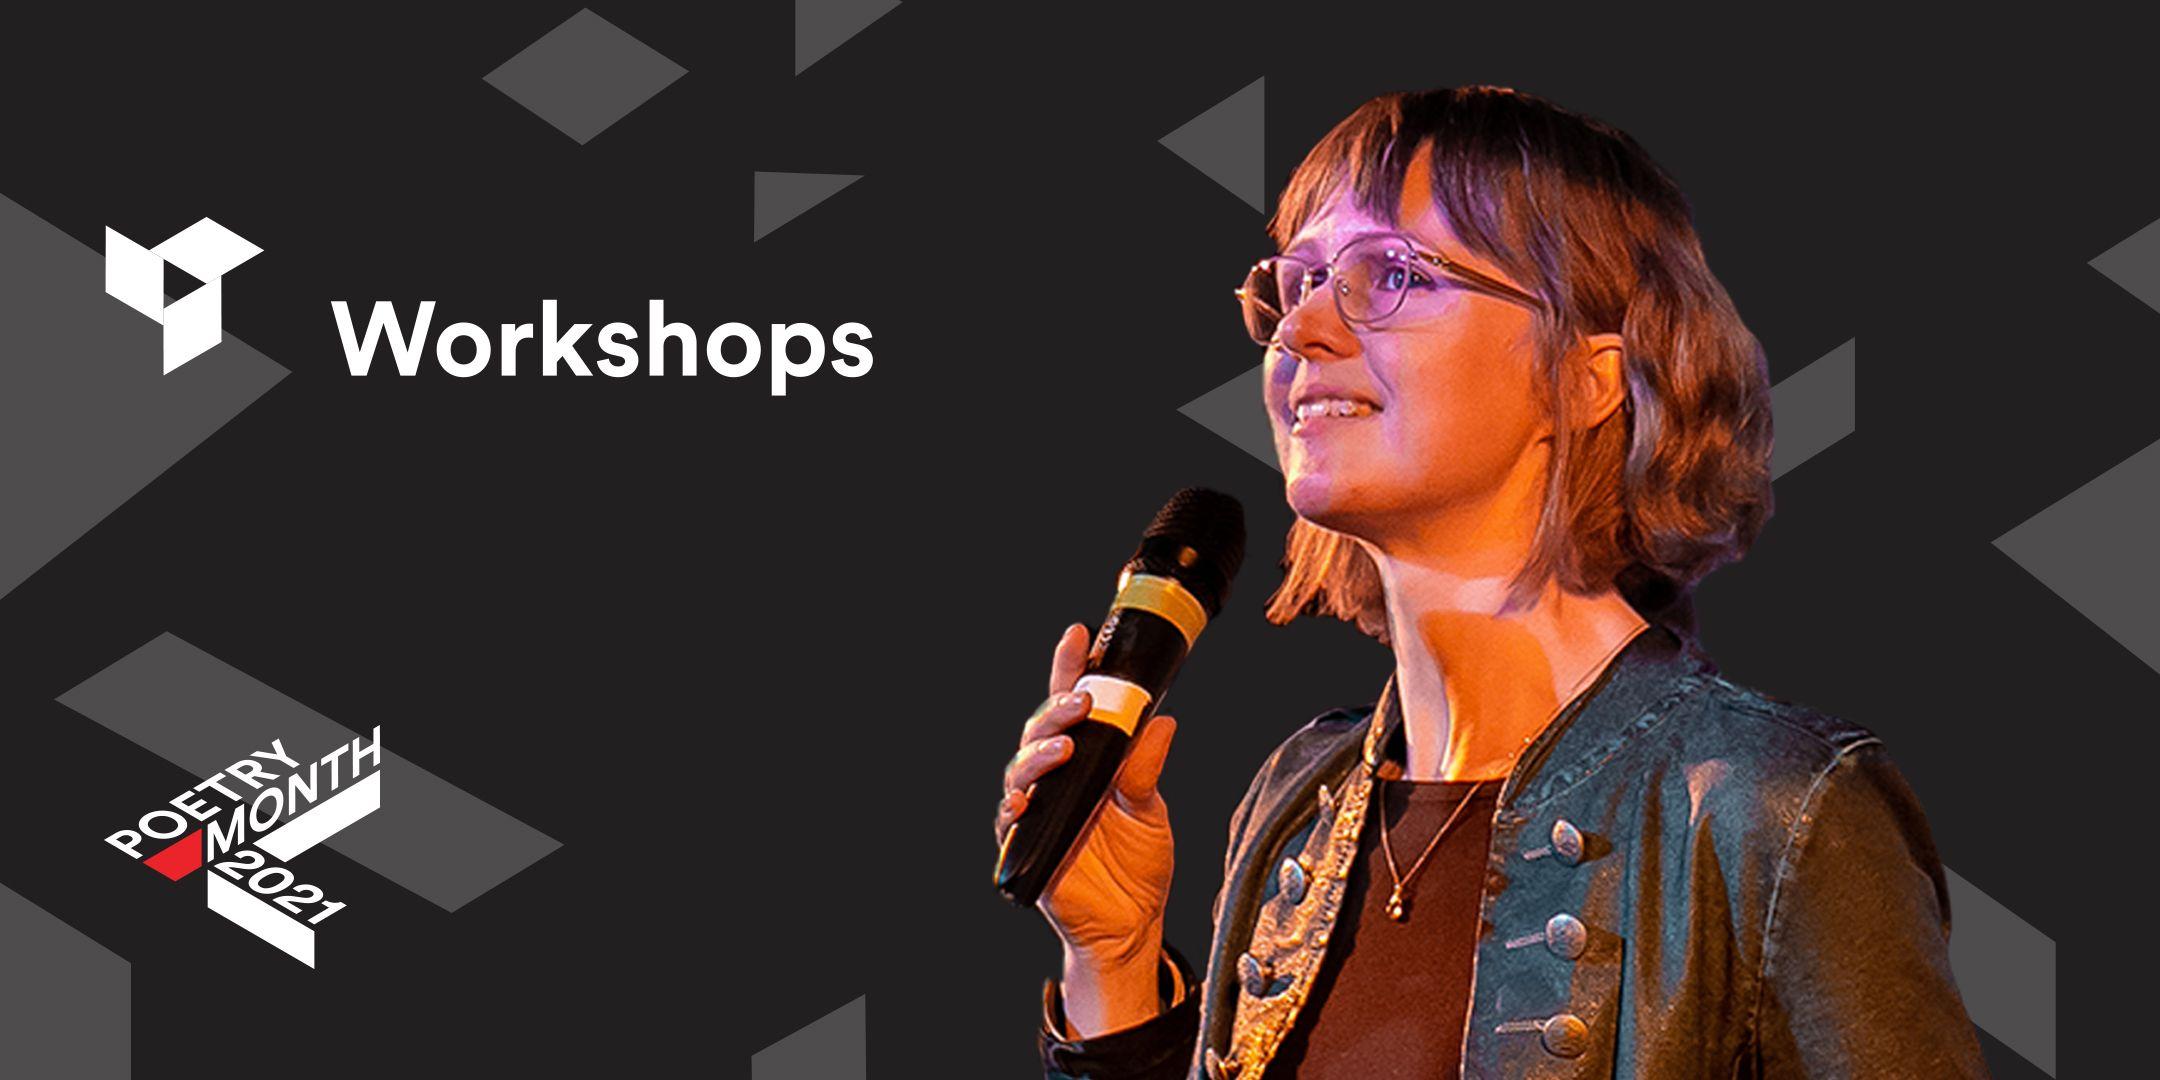 Emerging Older Voices Workshop